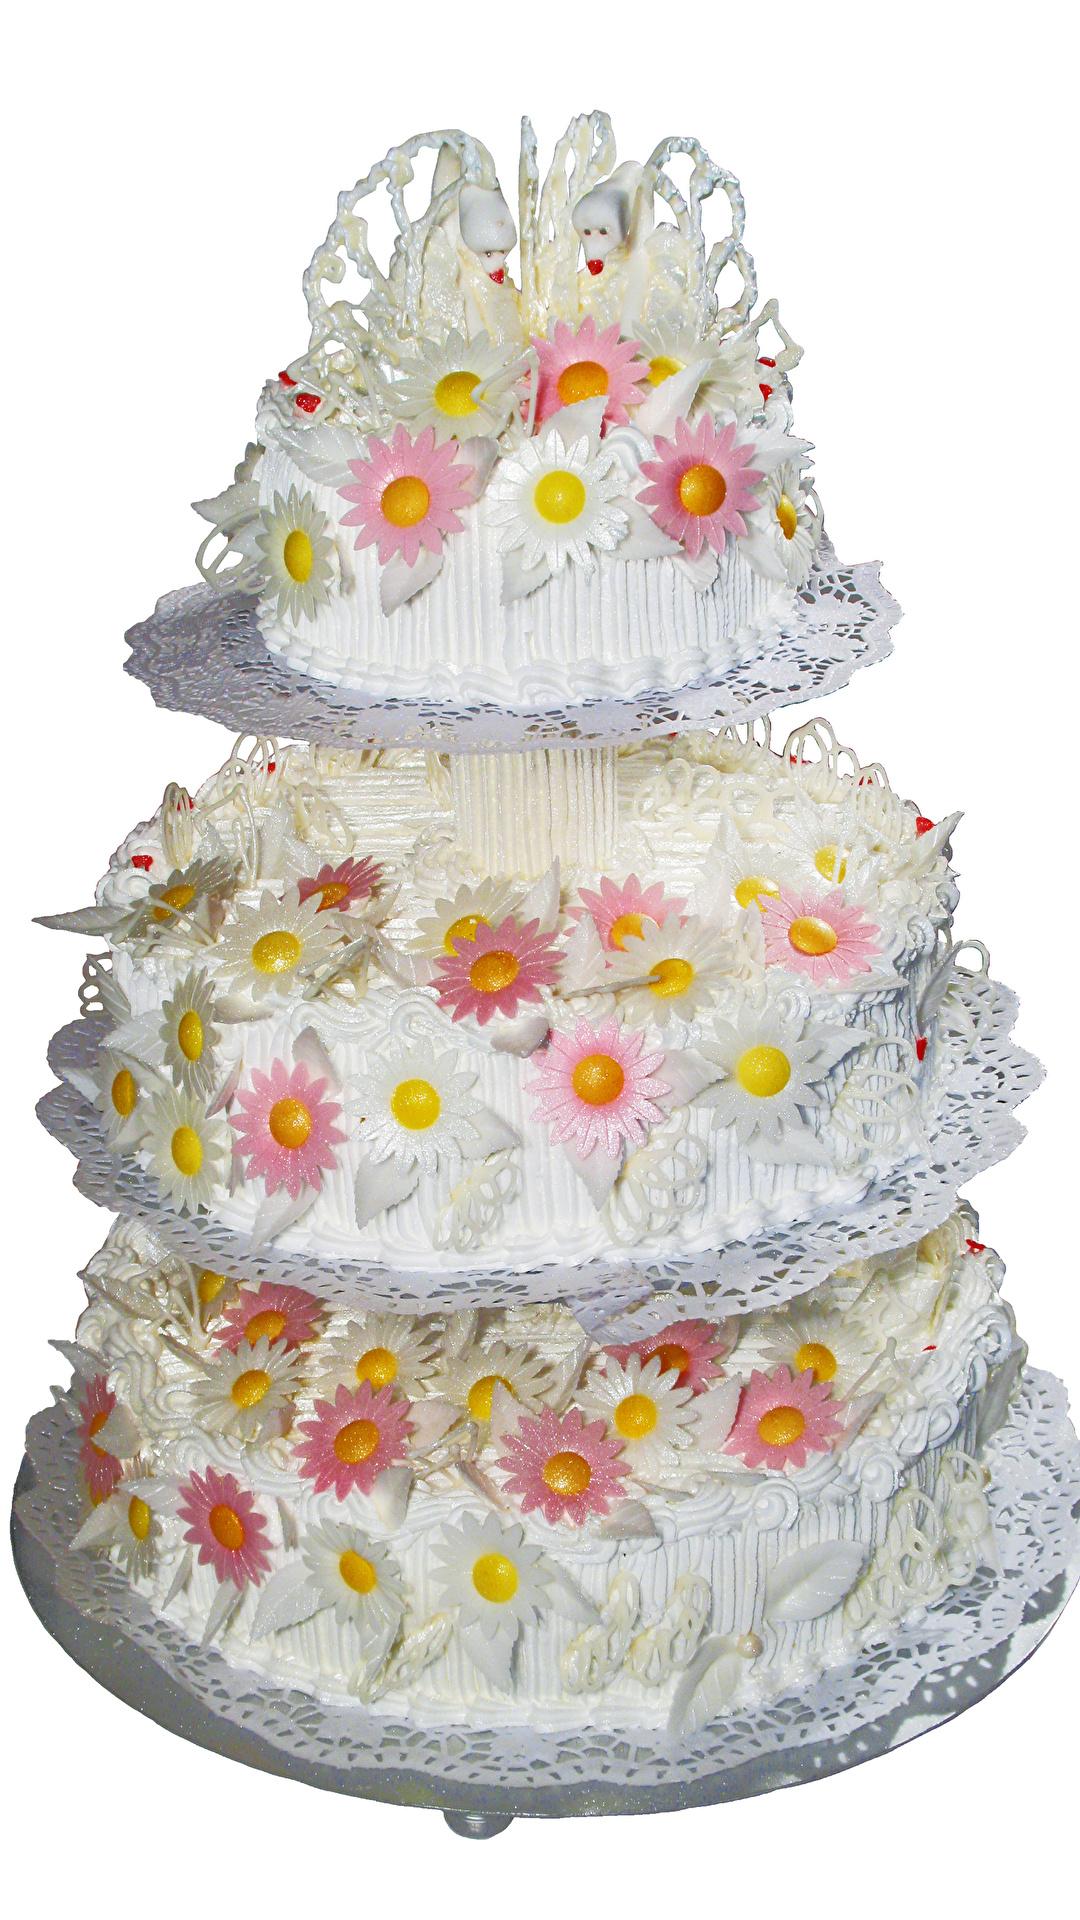 Фото Свадьба Wedding Cake Торты Еда Сладости белом фоне дизайна 1080x1920 брак свадьбы свадьбе свадебные Пища Продукты питания Белый фон белым фоном сладкая еда Дизайн